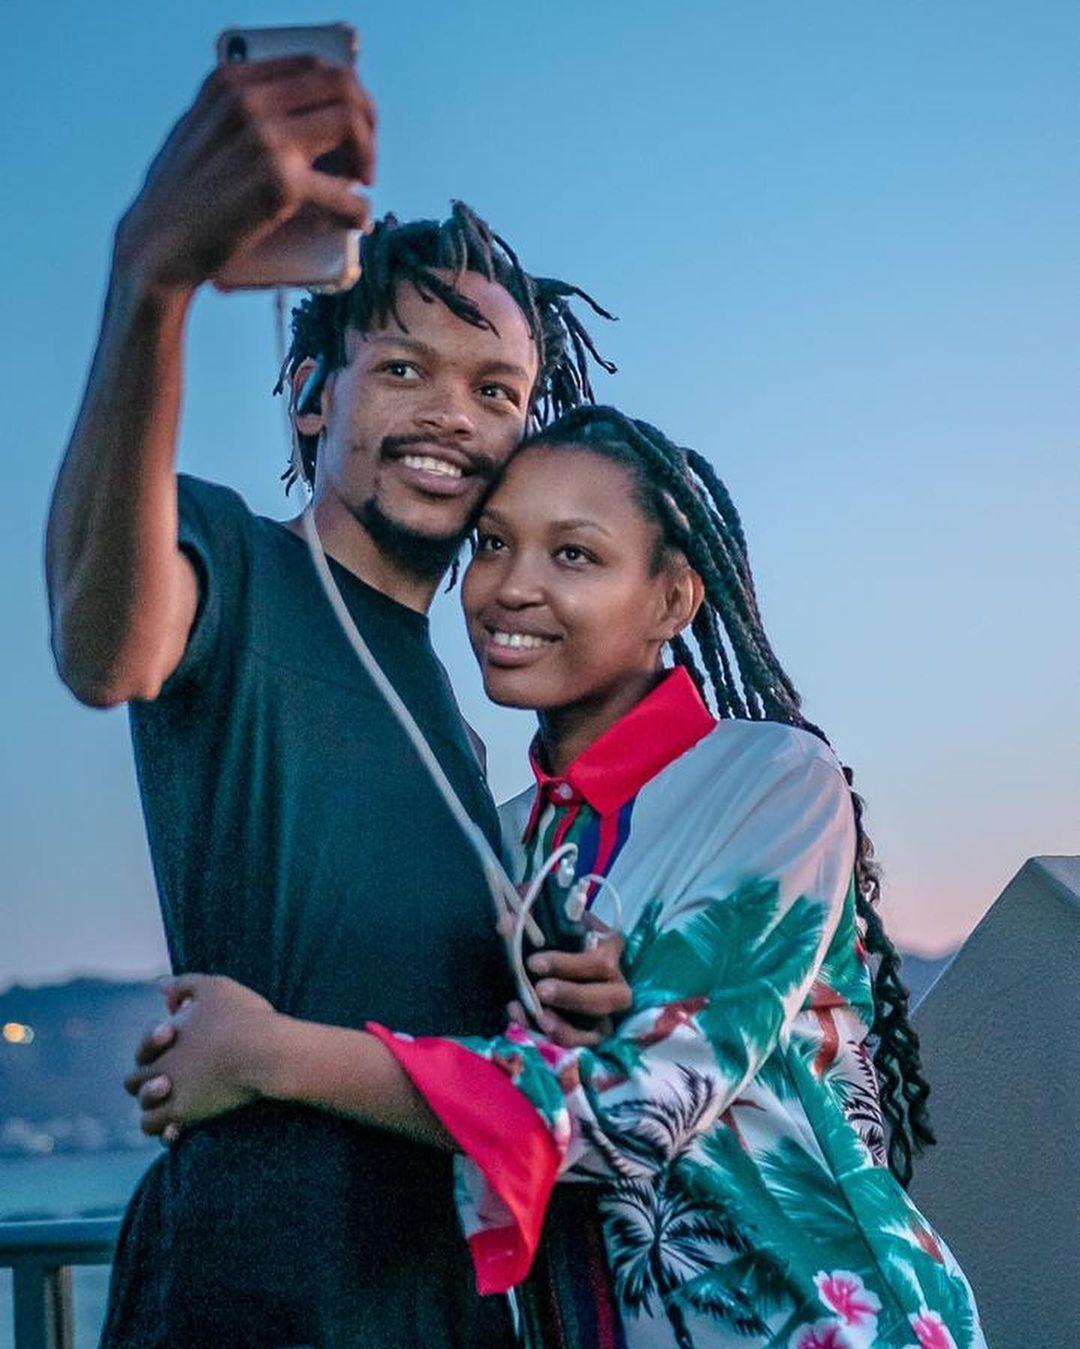 Singer Berita and hubby Nota celebrate their anniversary